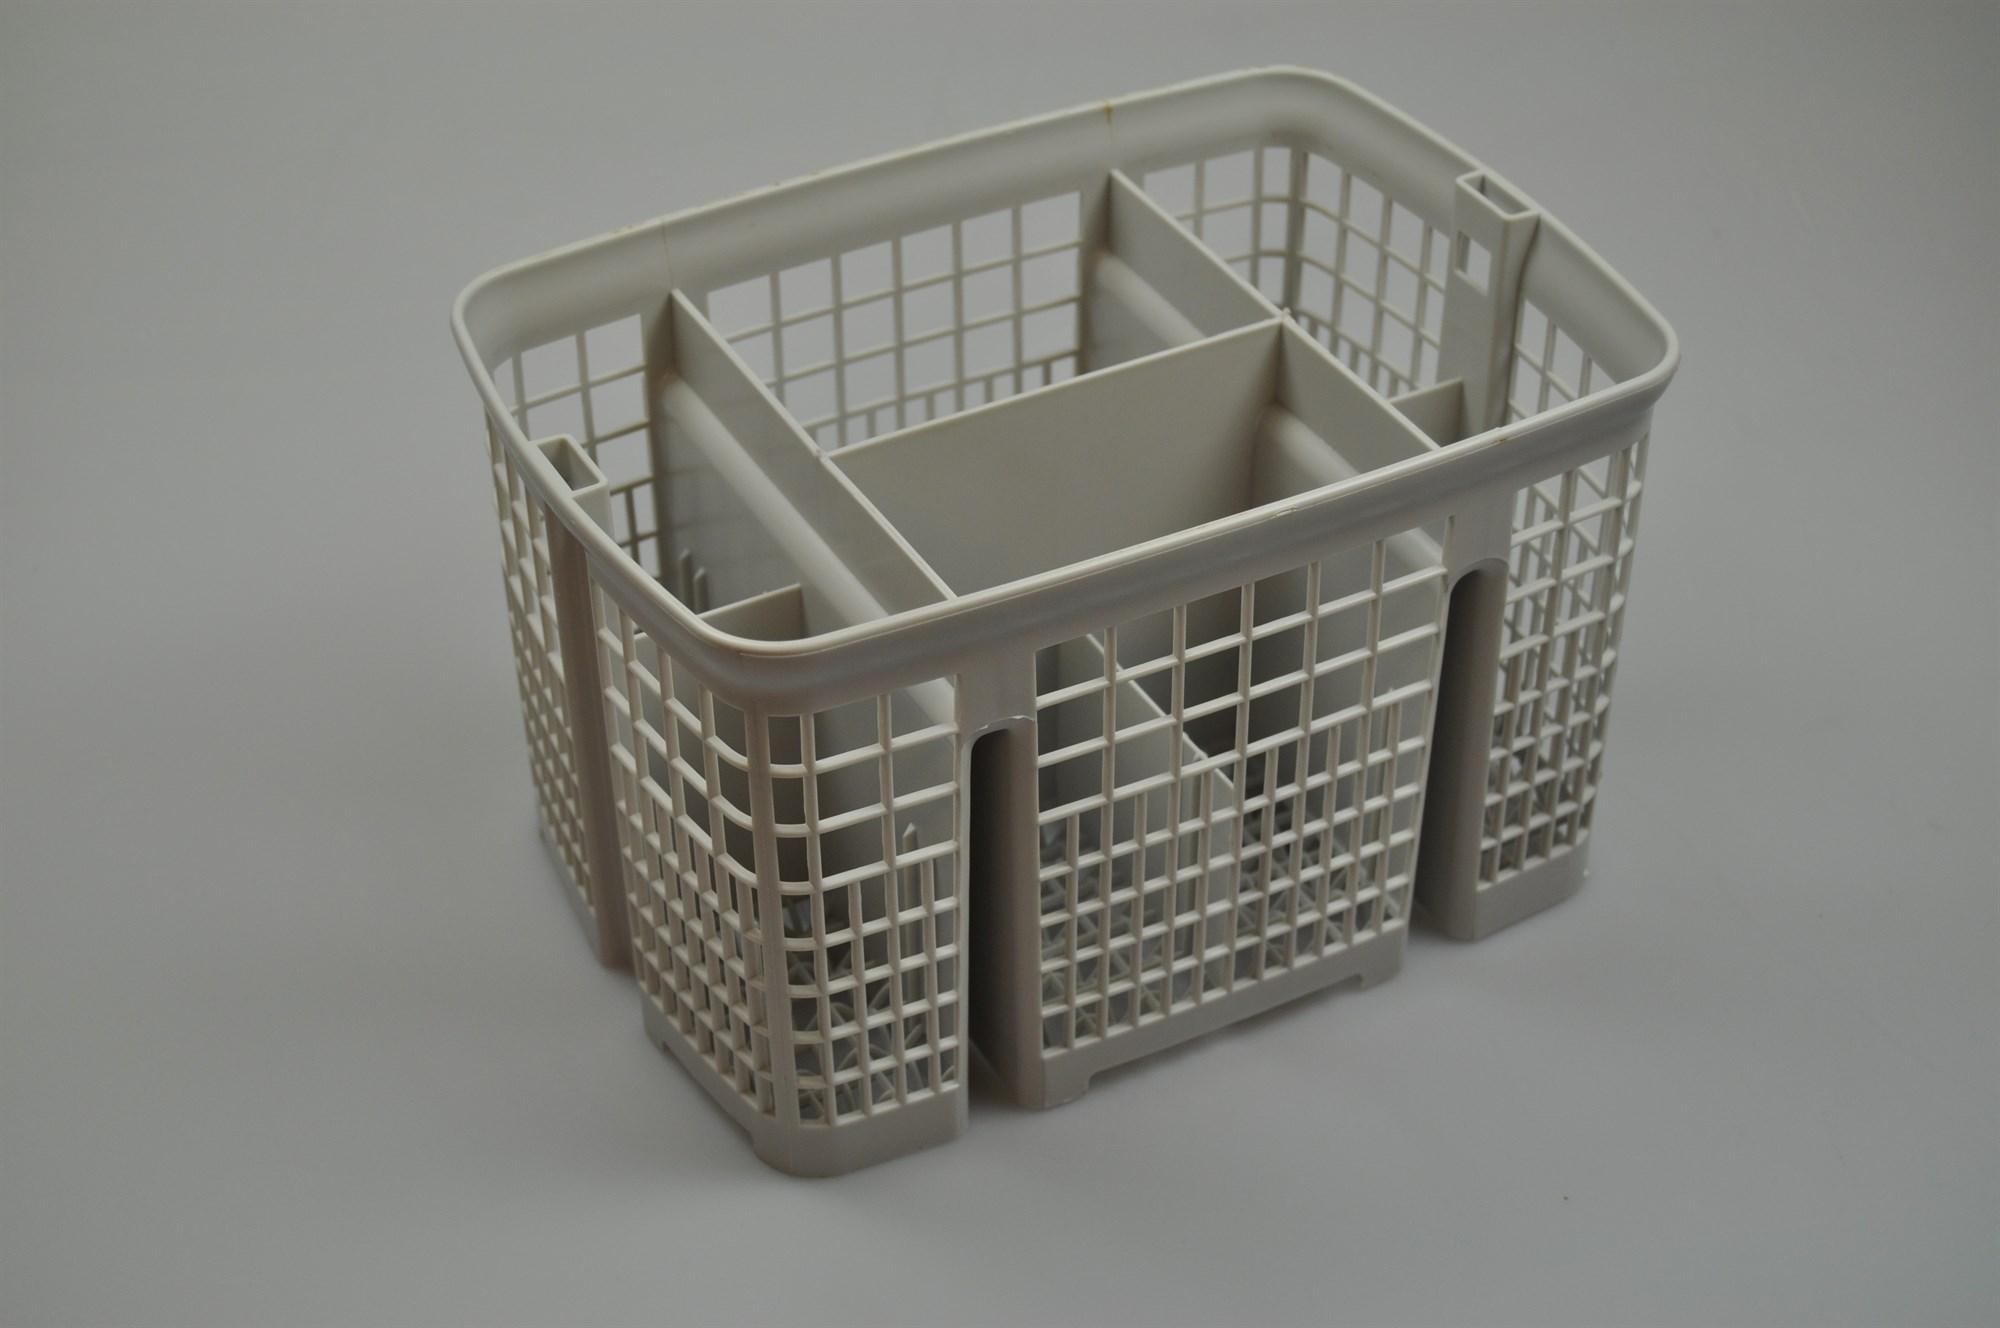 Besteckkorb Thomson Geschirrspuler 135 Mm X 150 Mm